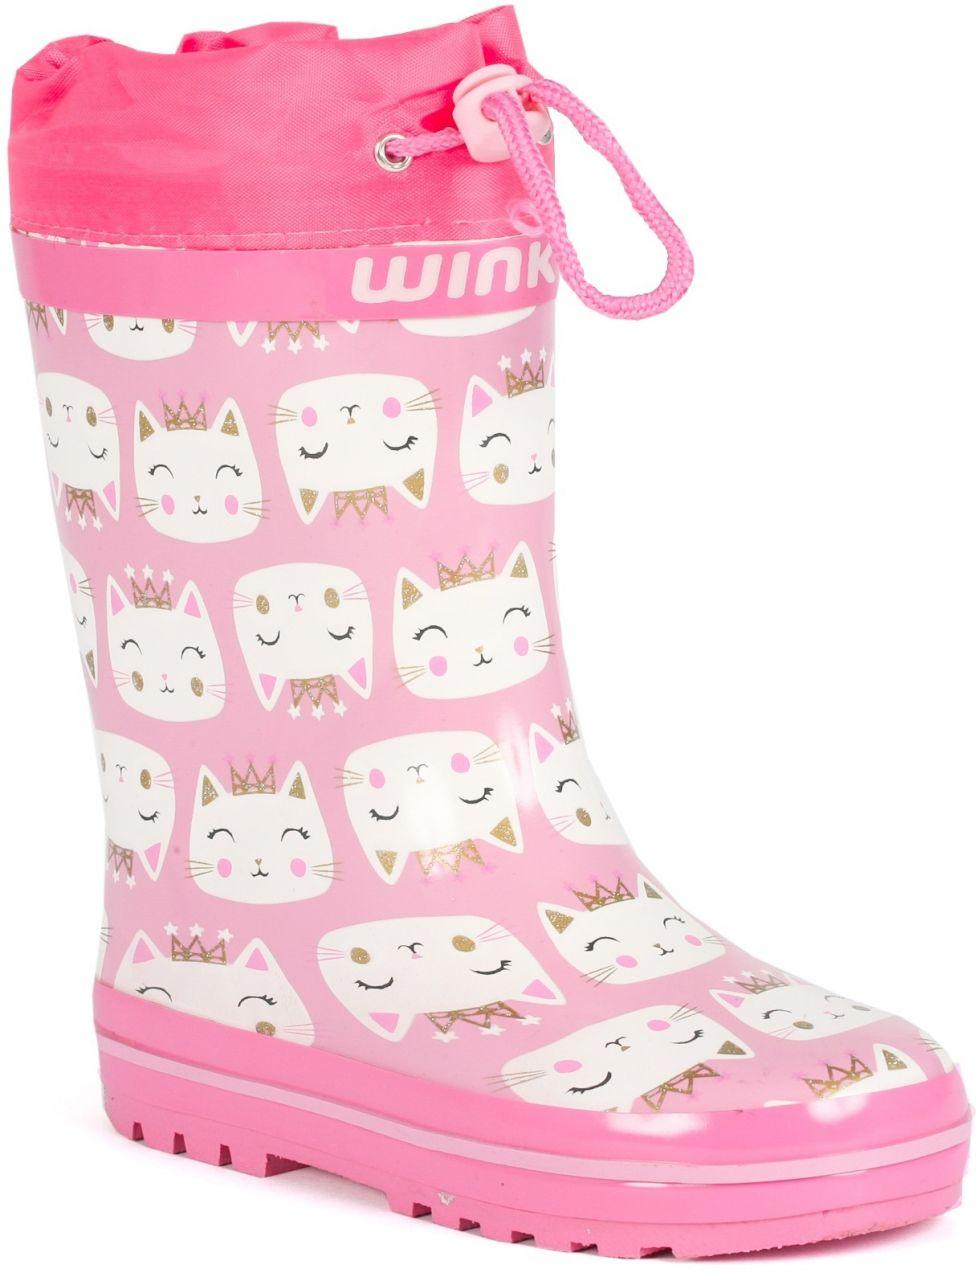 218cd4550af6 Wink Dievčenské gumáky s mačičkou - ružové značky Wink - Lovely.sk